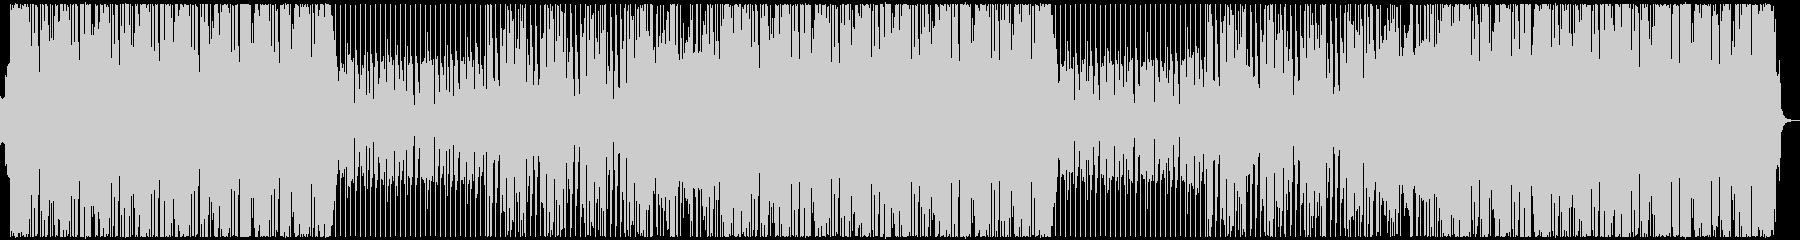 カジノ風ゴージャスなブラスファンクポップの未再生の波形